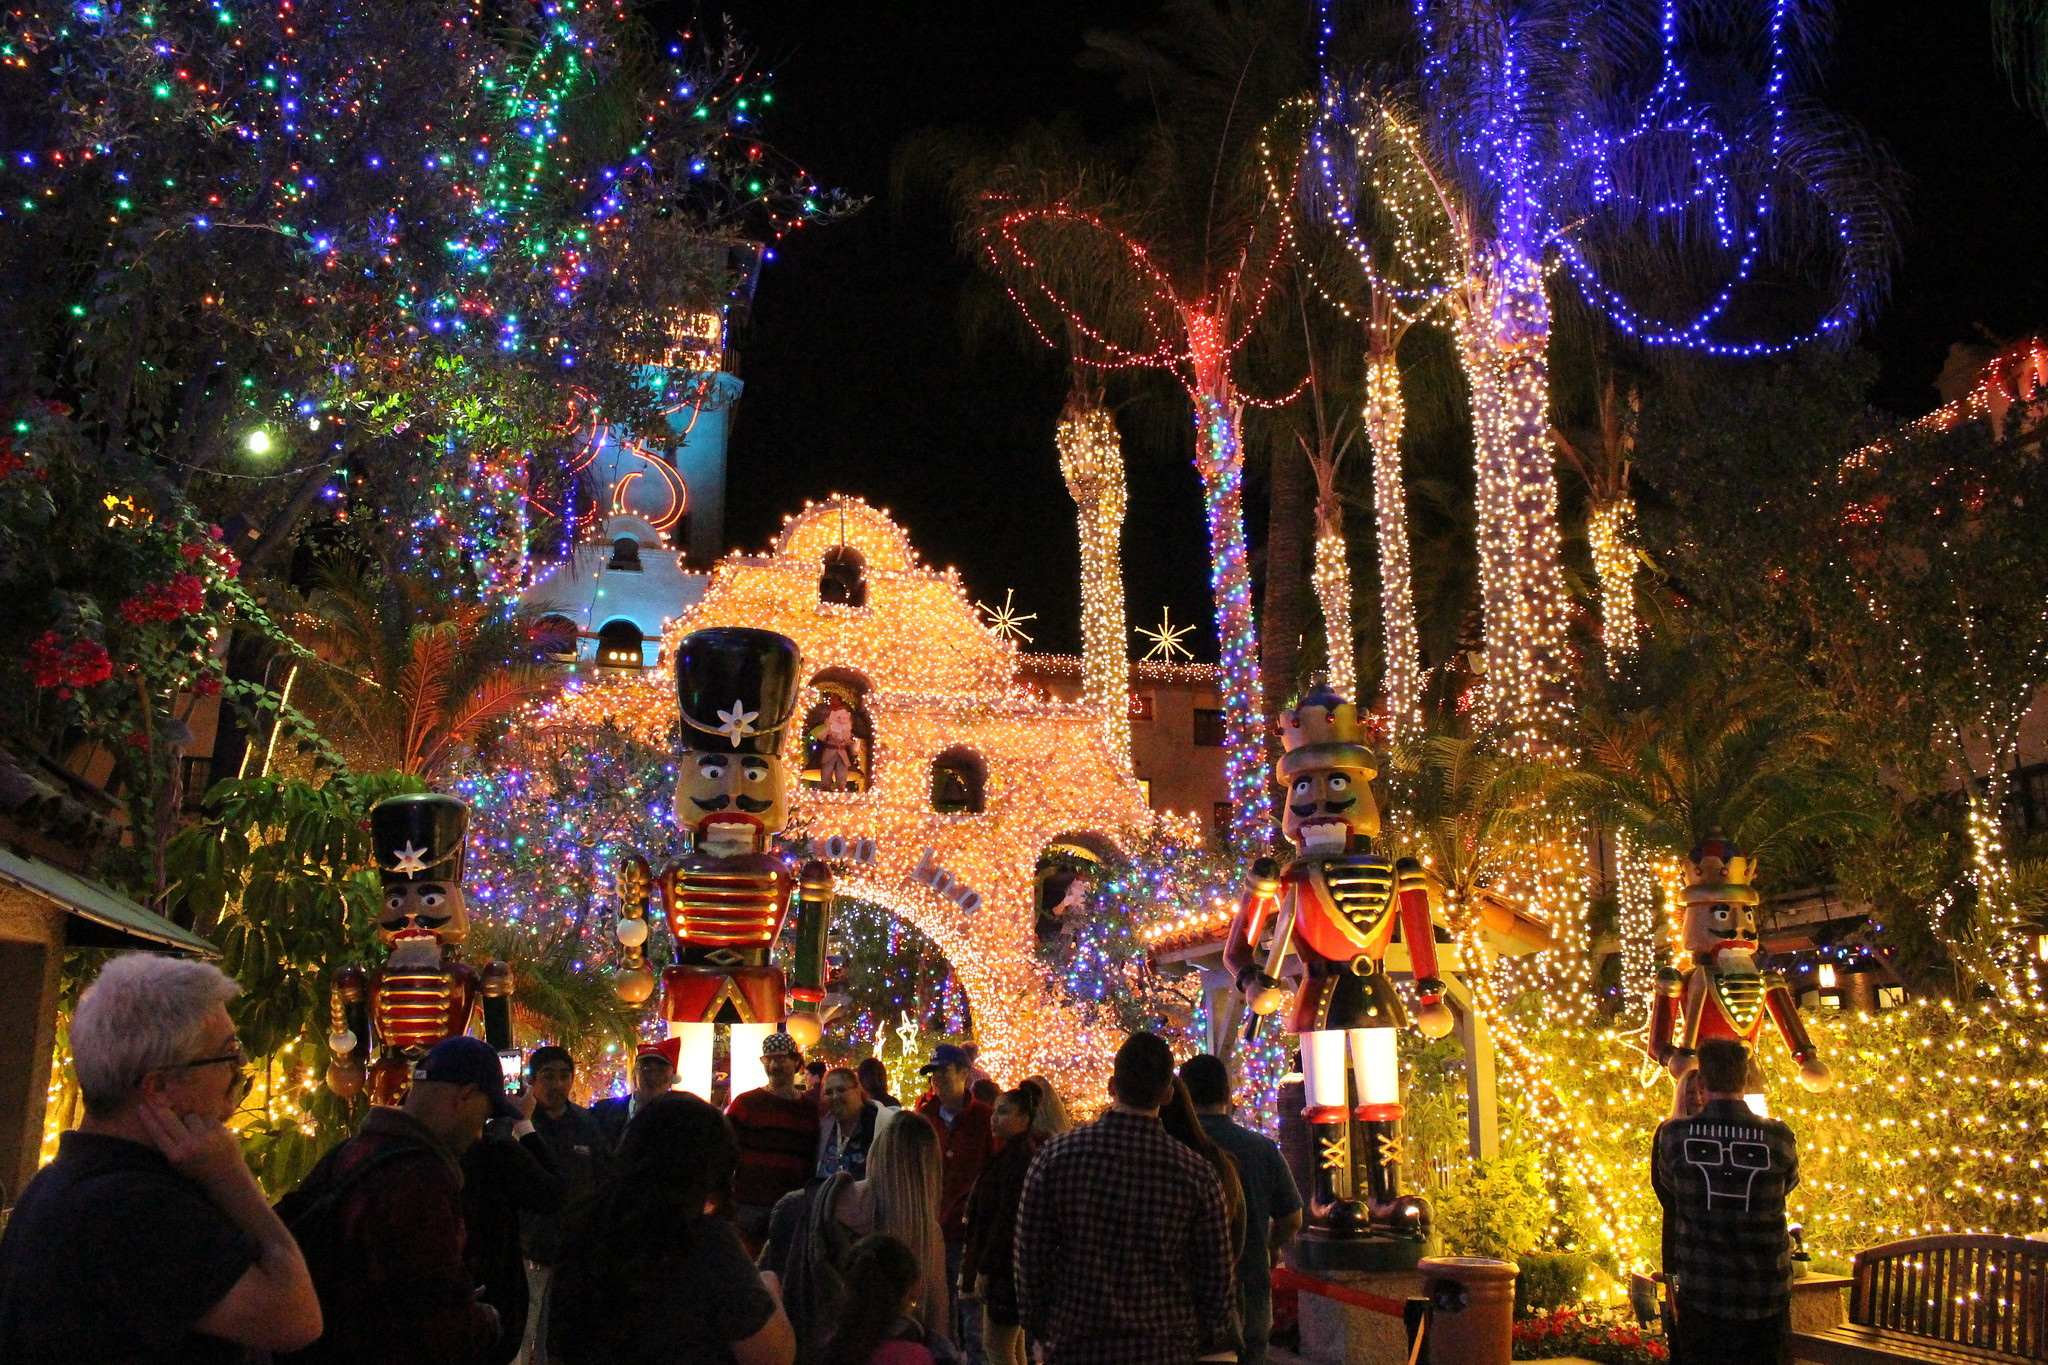 Christmas lights gazing